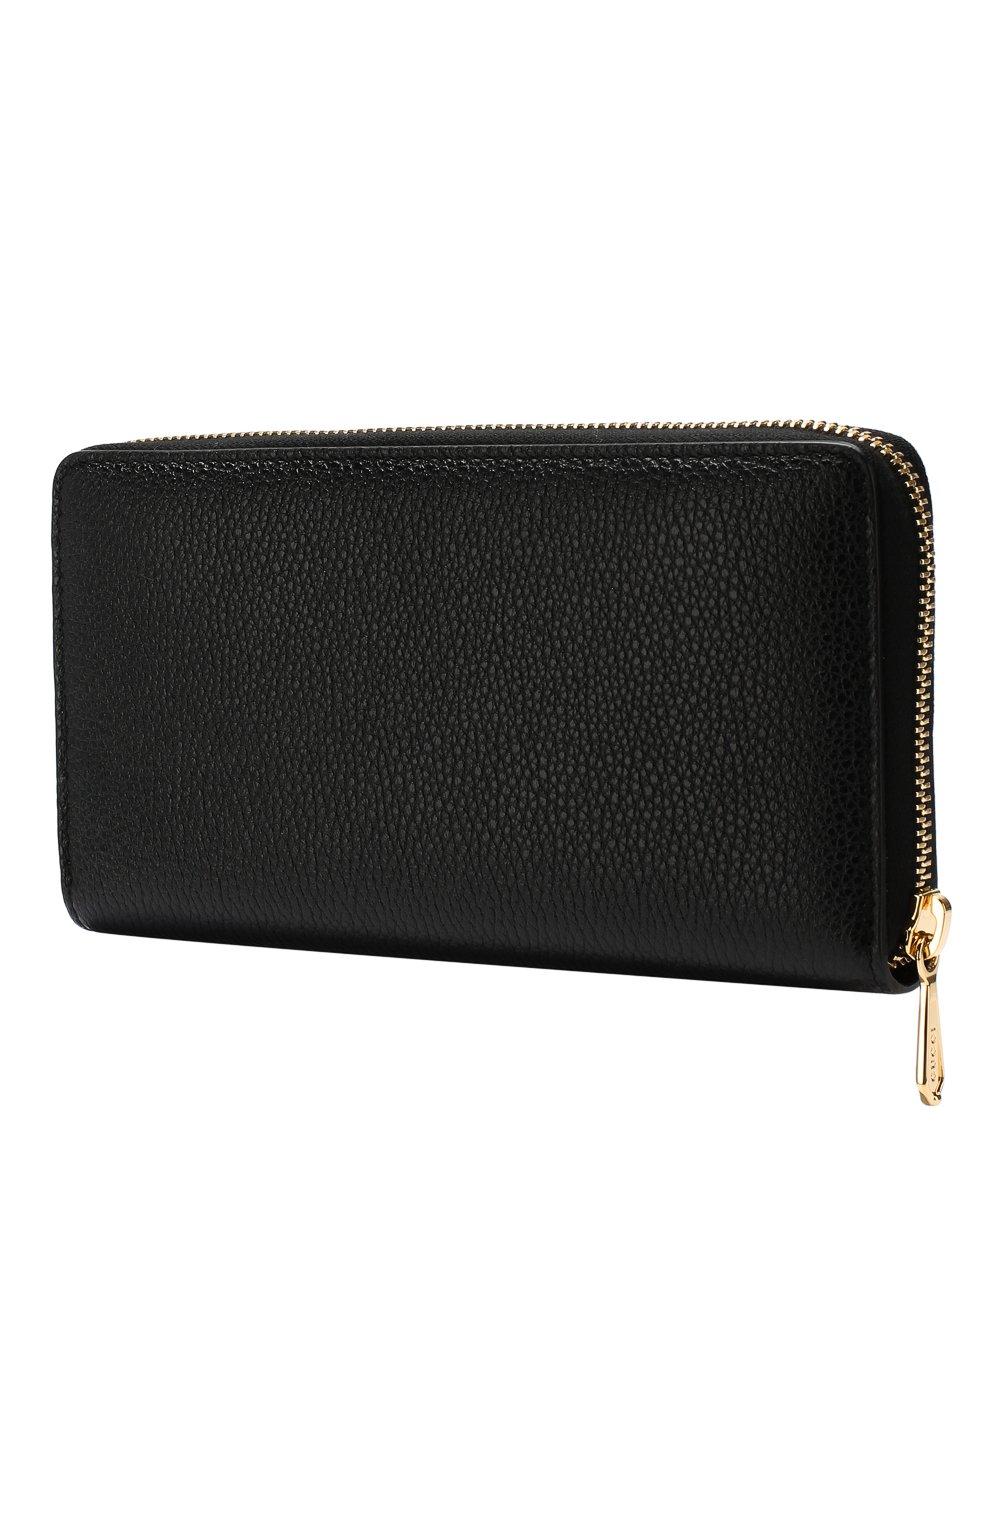 Кожаный кошелек Gucci Zumi Gucci черного цвета | Фото №2